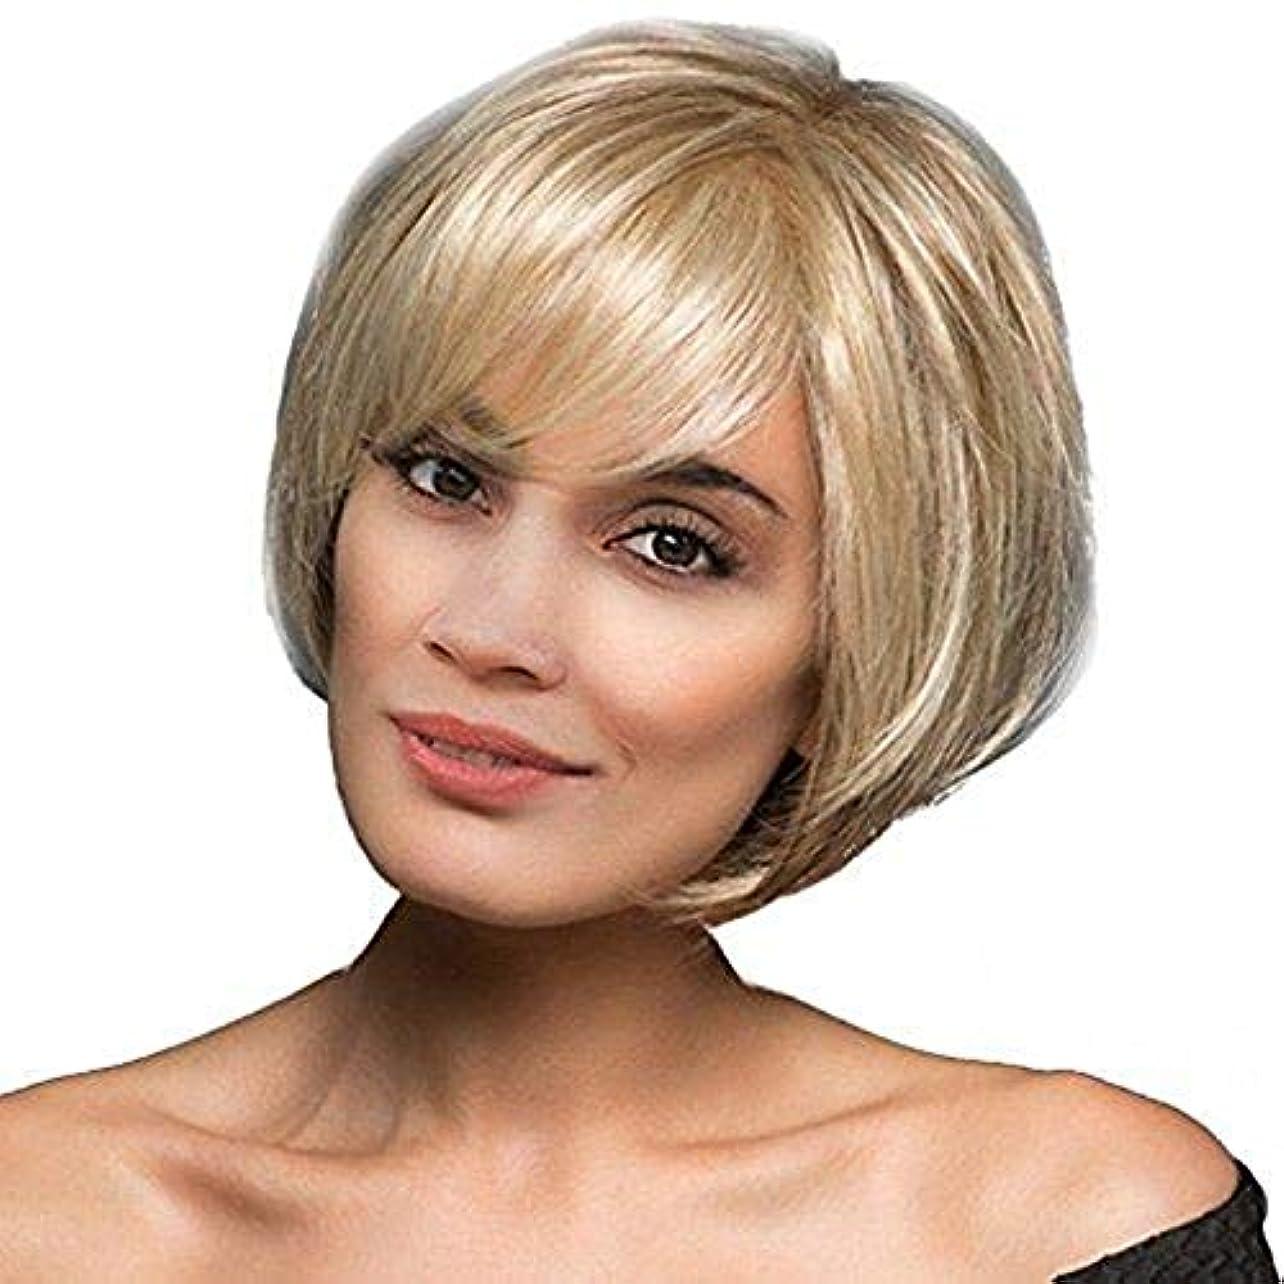 画面厚さカプセルYOUQIU 女性のかつらのための合成ウィッグブロンドボブスタイルウィッグショートカーリーヘアウィッグ (色 : Blonde)